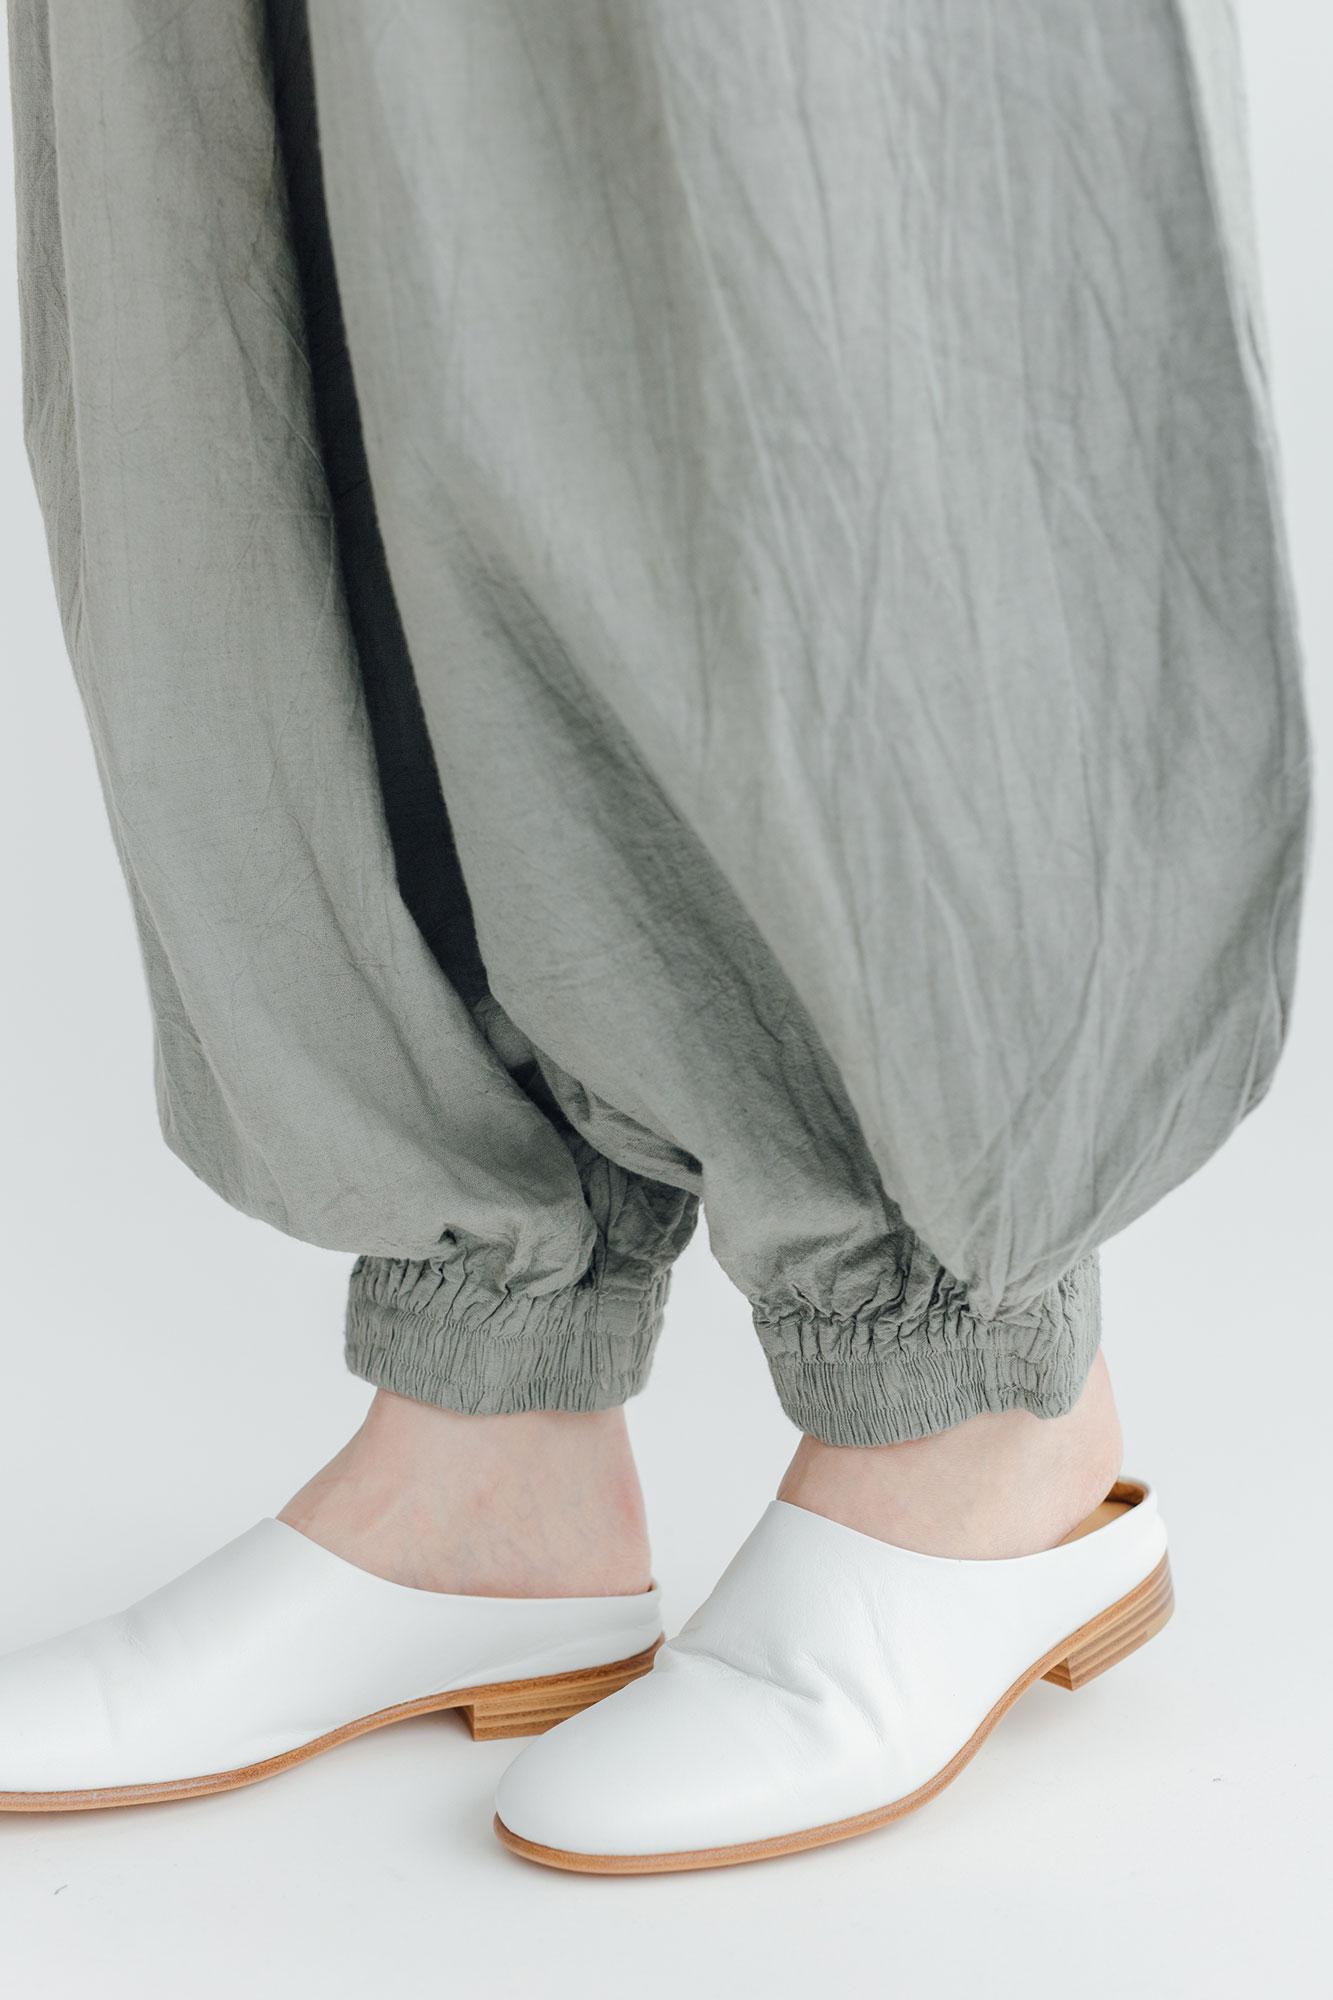 ヂェン先生の日常着 バルーンパンツ